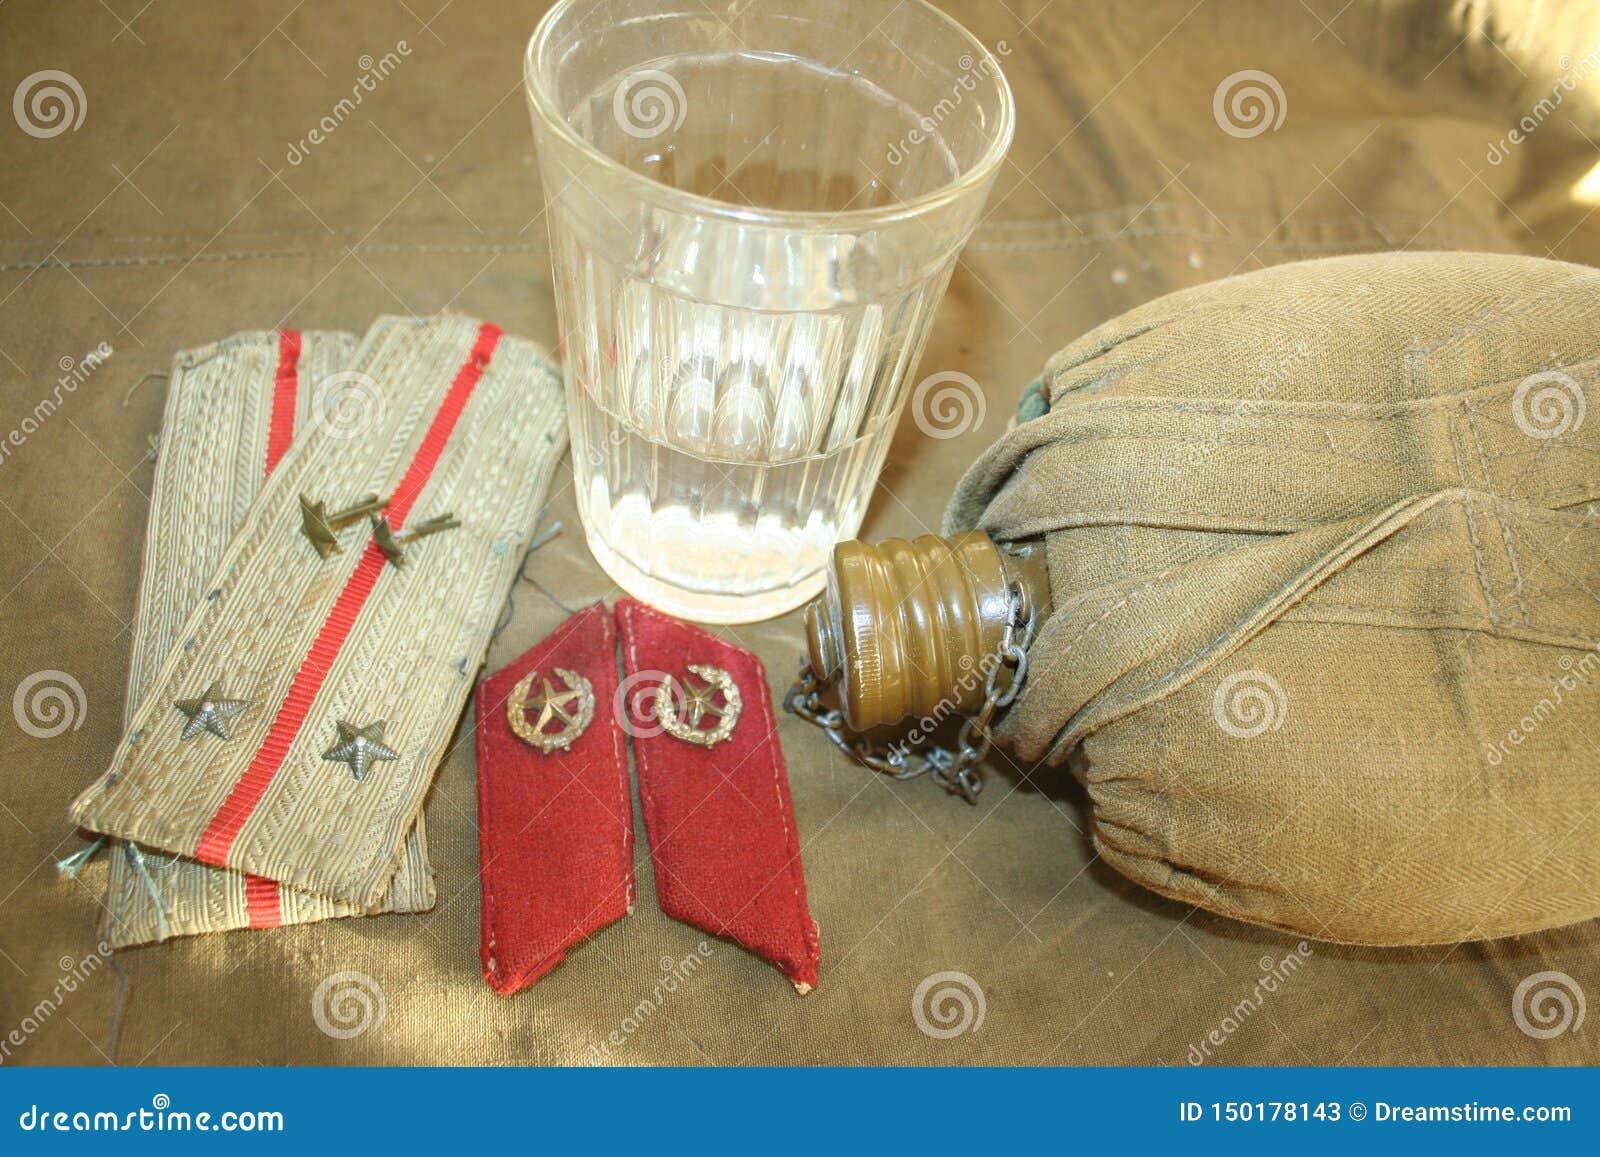 步兵陆军中尉被授予了资深陆军中尉等级